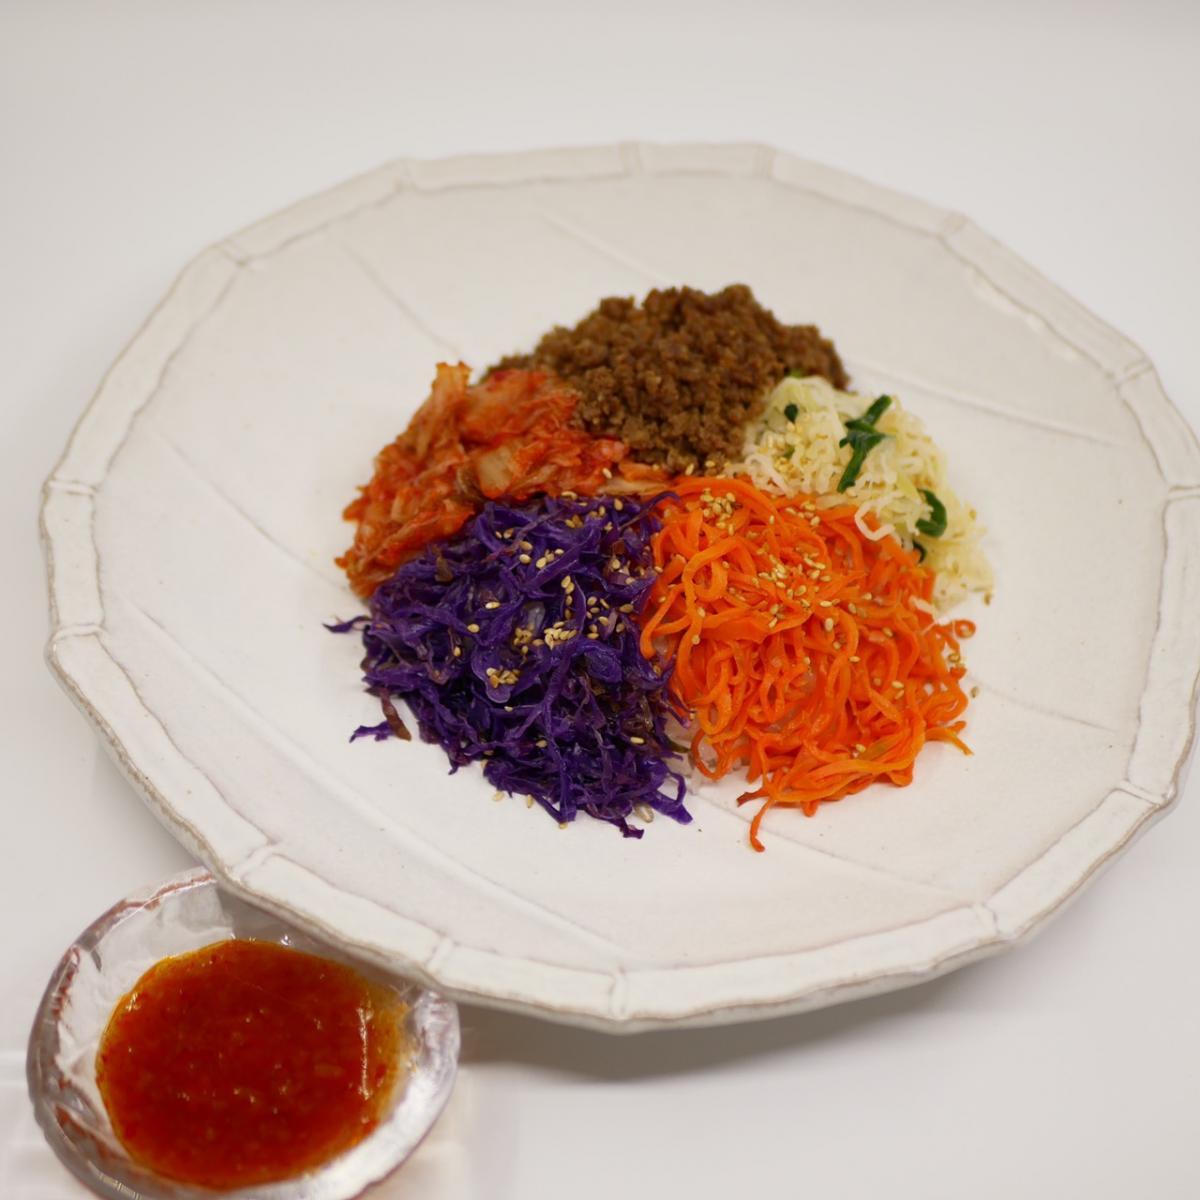 発酵ナムルと彩りビビンバのイメージ